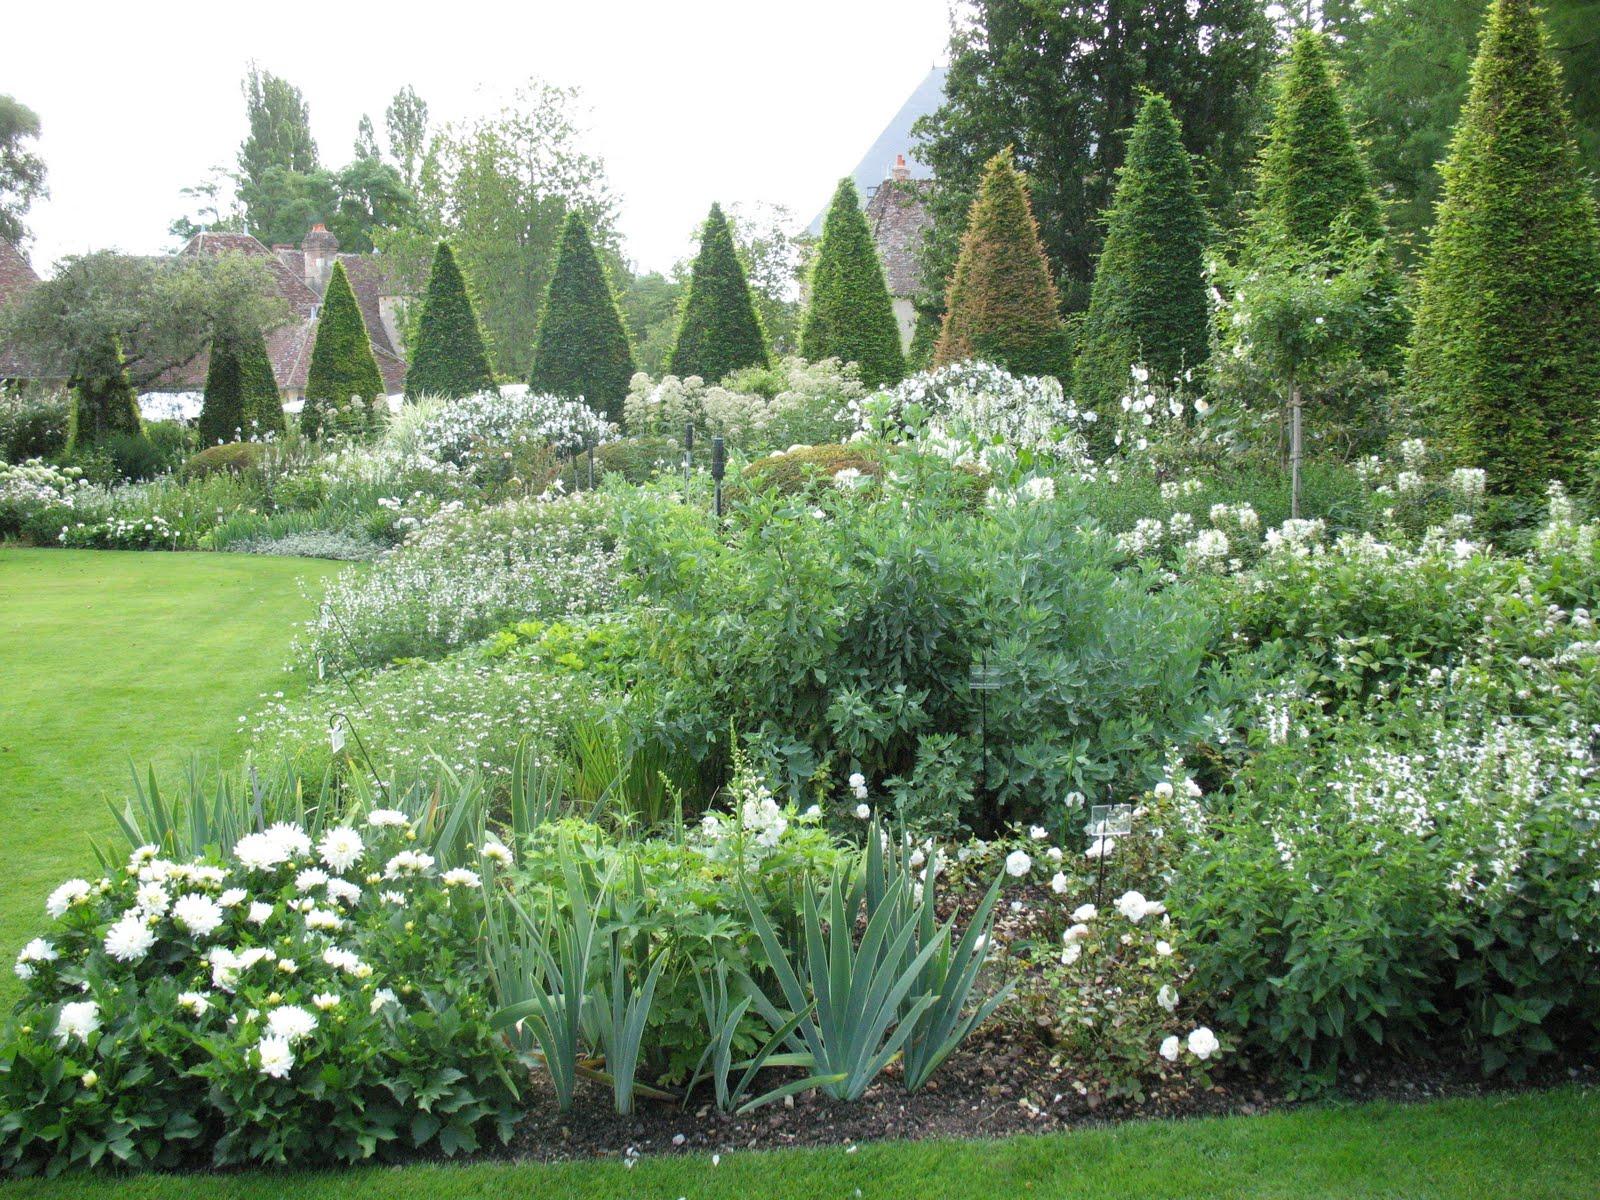 Roses du jardin ch neland parc floral d 39 apremont sur allier for Apremont sur allier jardin